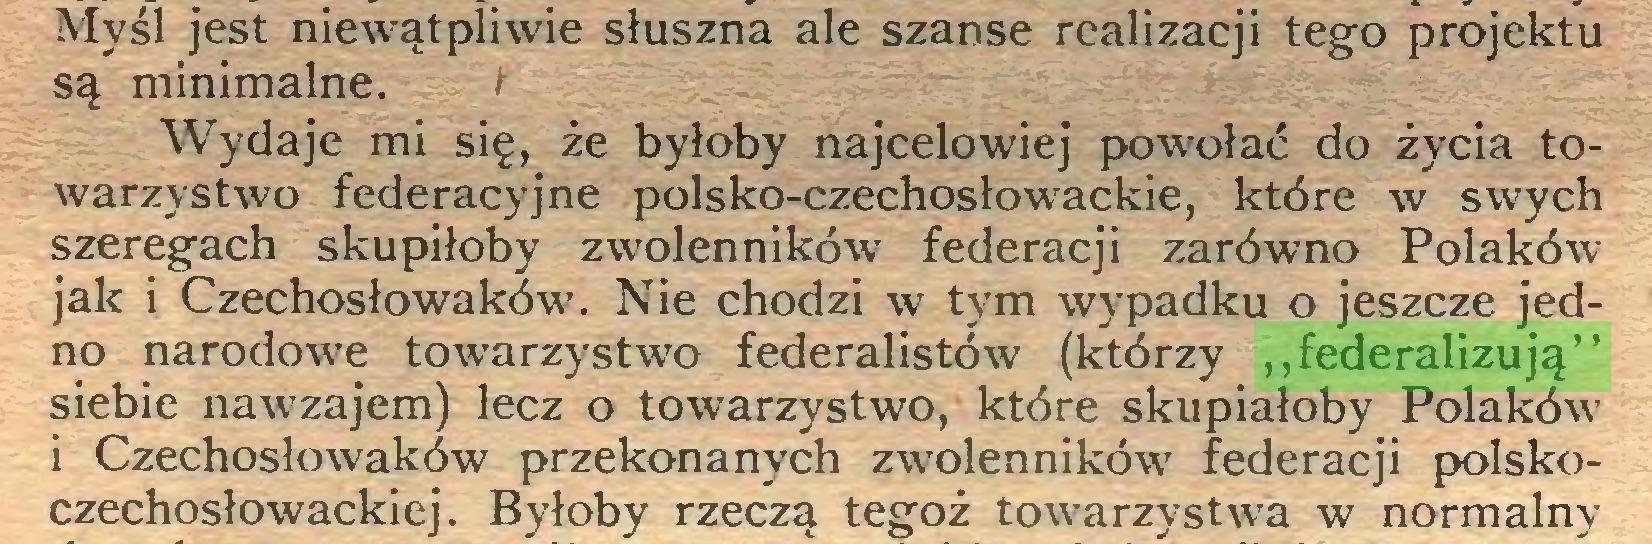 """(...) Myśl jest niewątpliwie słuszna ale szanse realizacji tego projektu są minimalne. i Wydaje mi się, że byłoby najcelowiej powołać do życia towarzystwo federacyjne polsko-czechosłowackie, które w swych szeregach skupiłoby zwolenników federacji zarówno Polaków jak i Czechosłowaków. Nie chodzi w tym wypadku o jeszcze jedno narodowe towarzystwo federalistów (którzy """"federalizują"""" siebie nawzajem) lecz o towarzystwo, które skupiałoby Polaków i Czechosłowaków przekonanych zwolenników federacji polskoczechosłowackiej. Byłoby rzeczą tegoż towarzystwa w normalny..."""